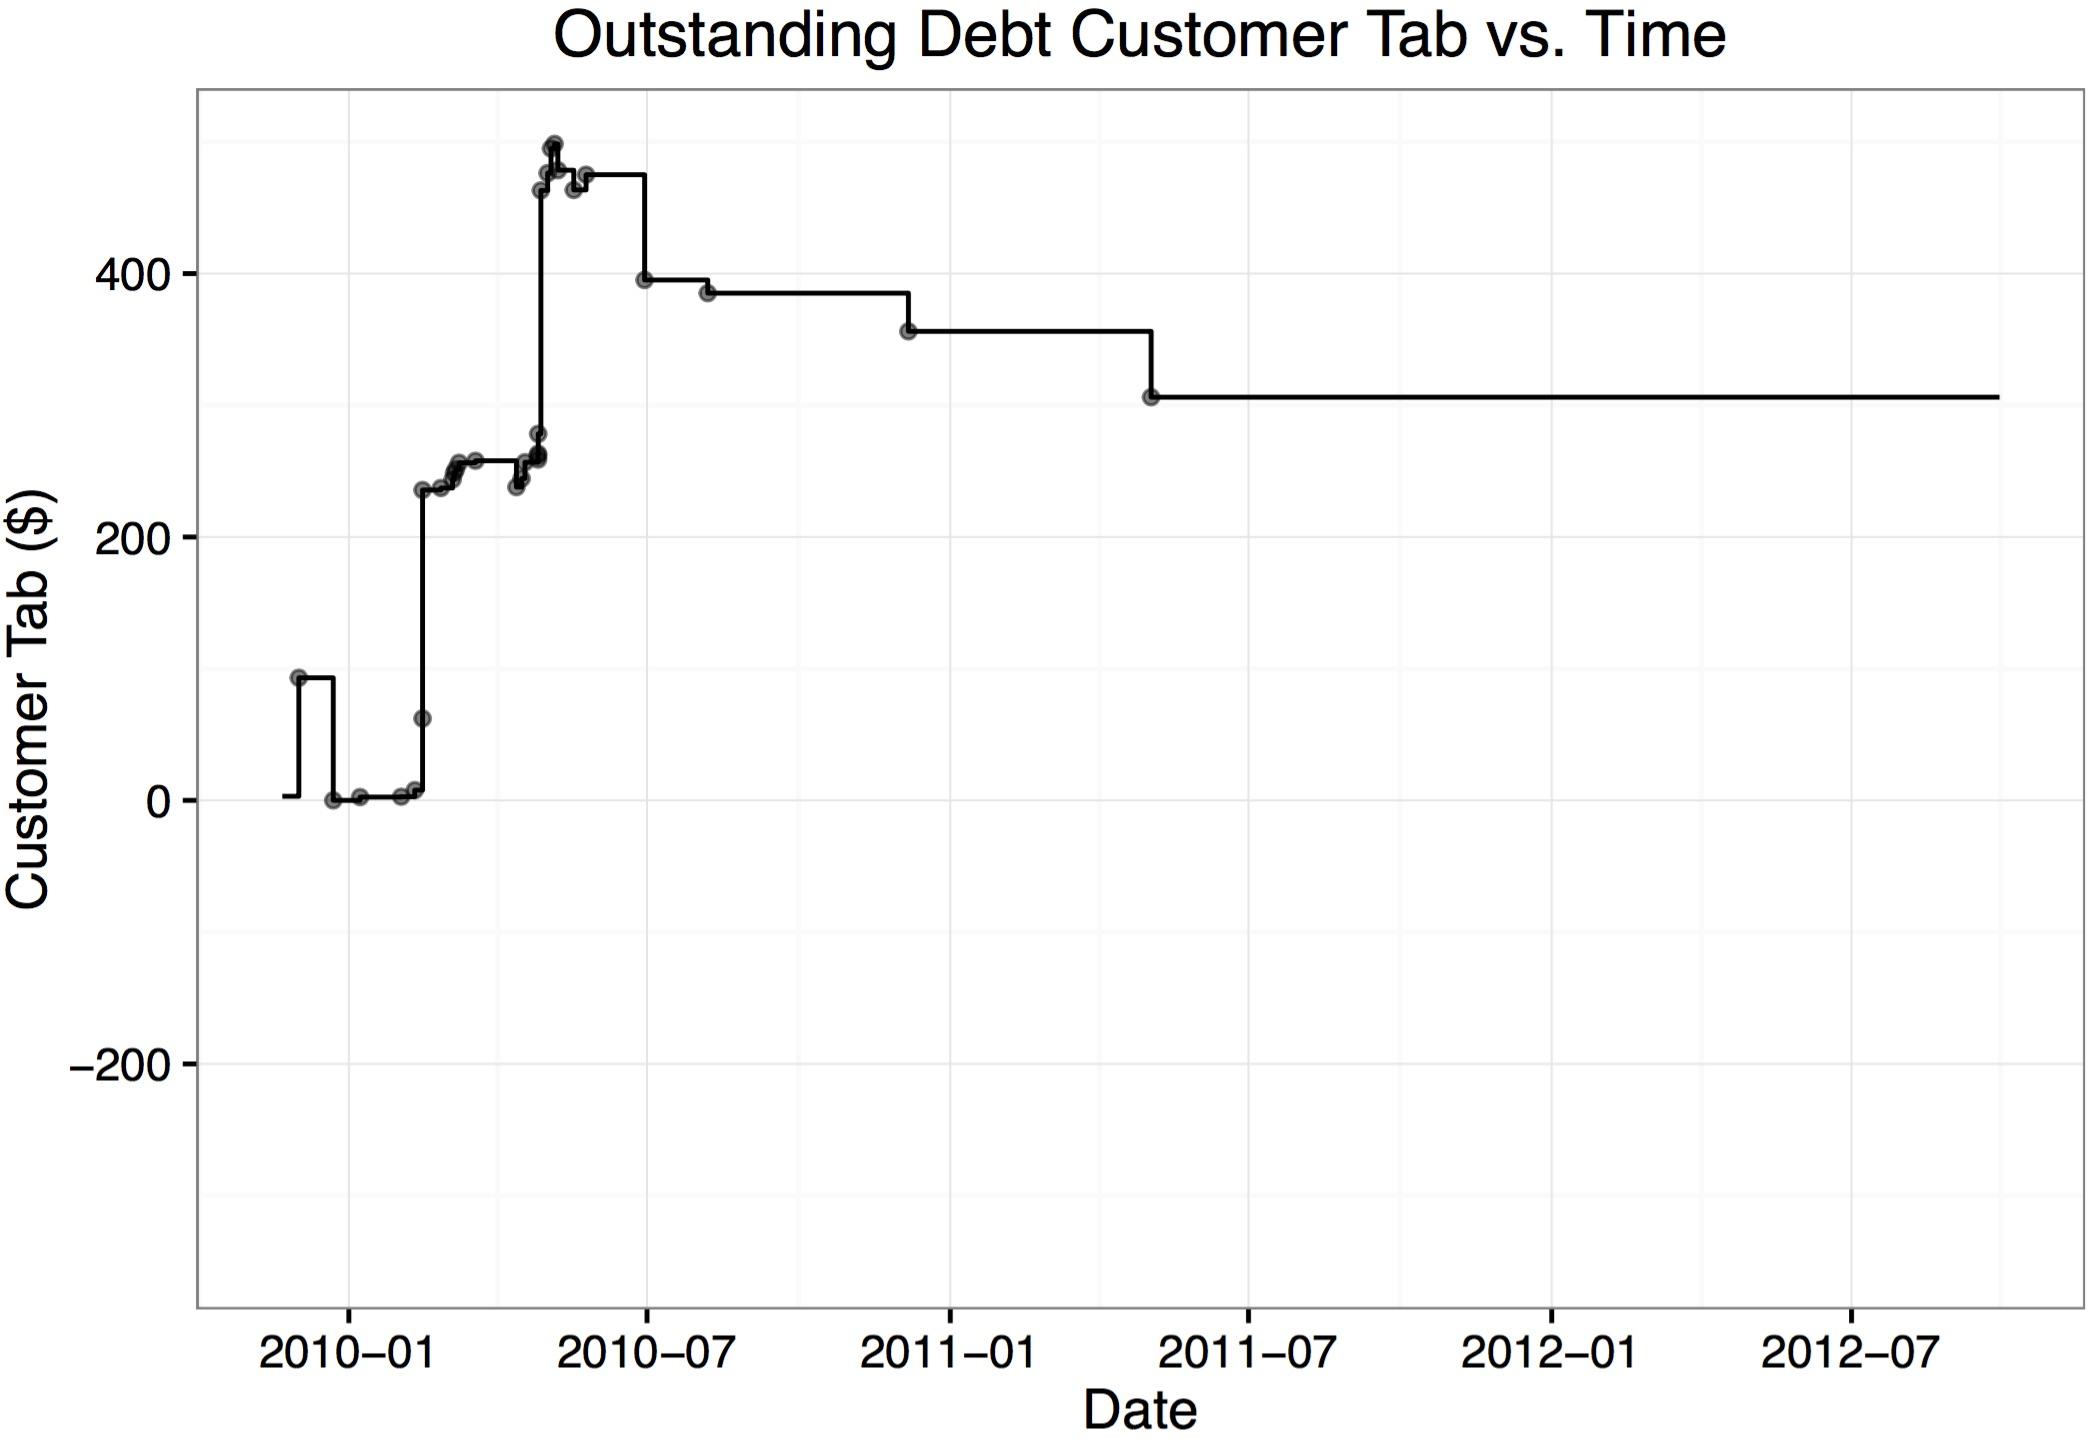 Image 4- Outstanding Debt